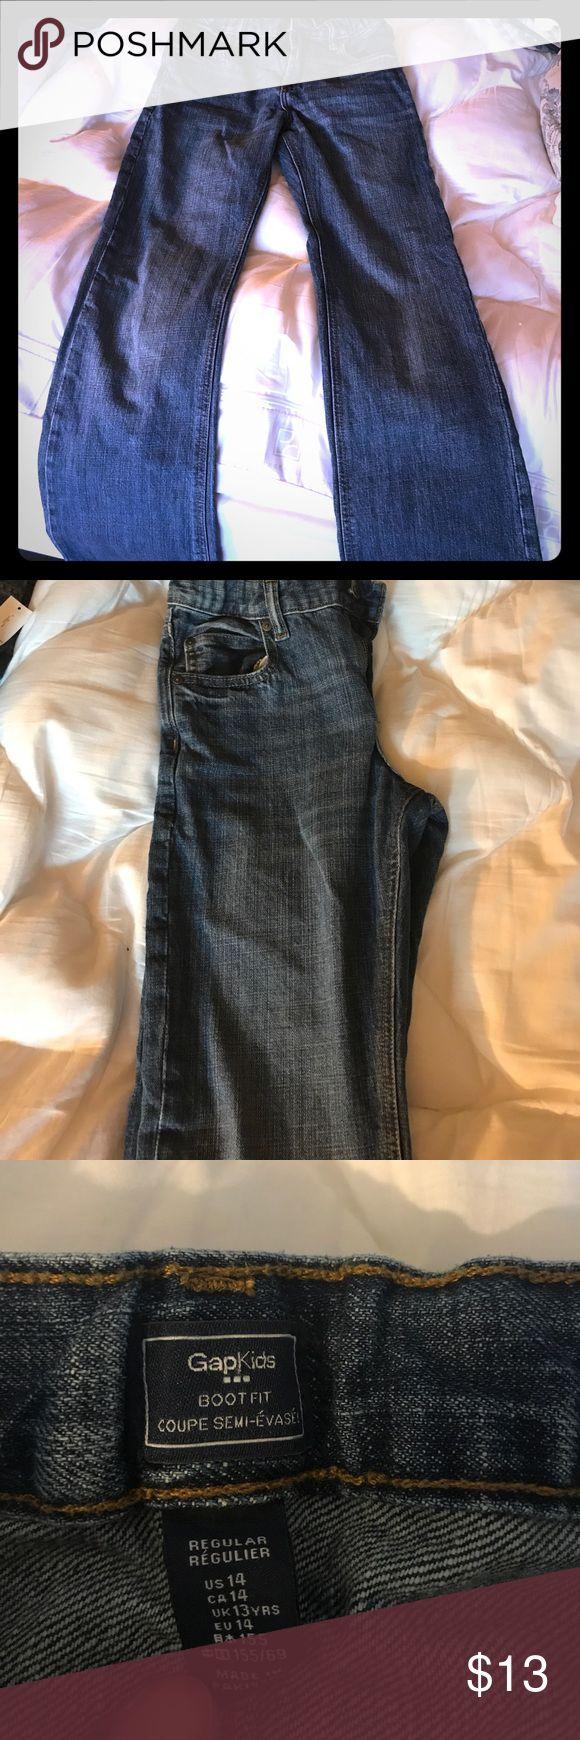 EUC GAP boys boot-cut jeans- excellent condition Boys boot-cut Gap kids jeans. Size 14. Great condition. 15% Bundle discount for kids jeans available. 🤗 GAP Bottoms Jeans